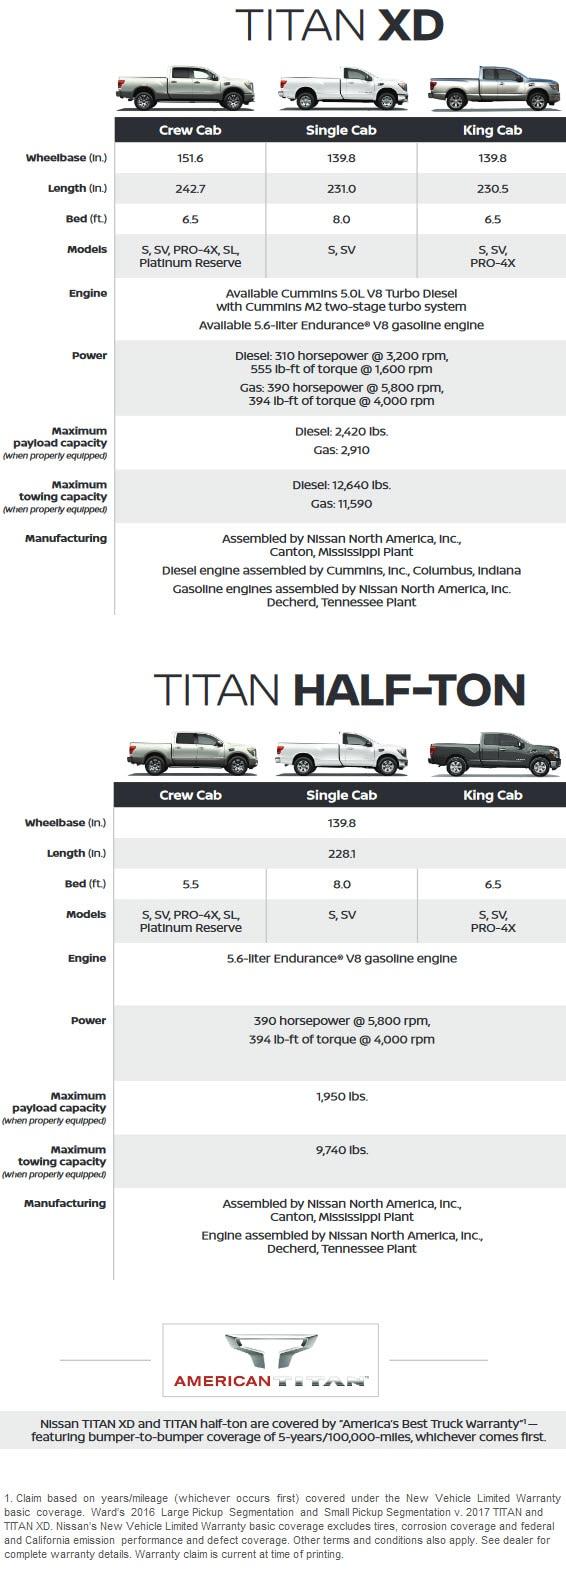 Nissan Titan & Titan XD specs - infographic